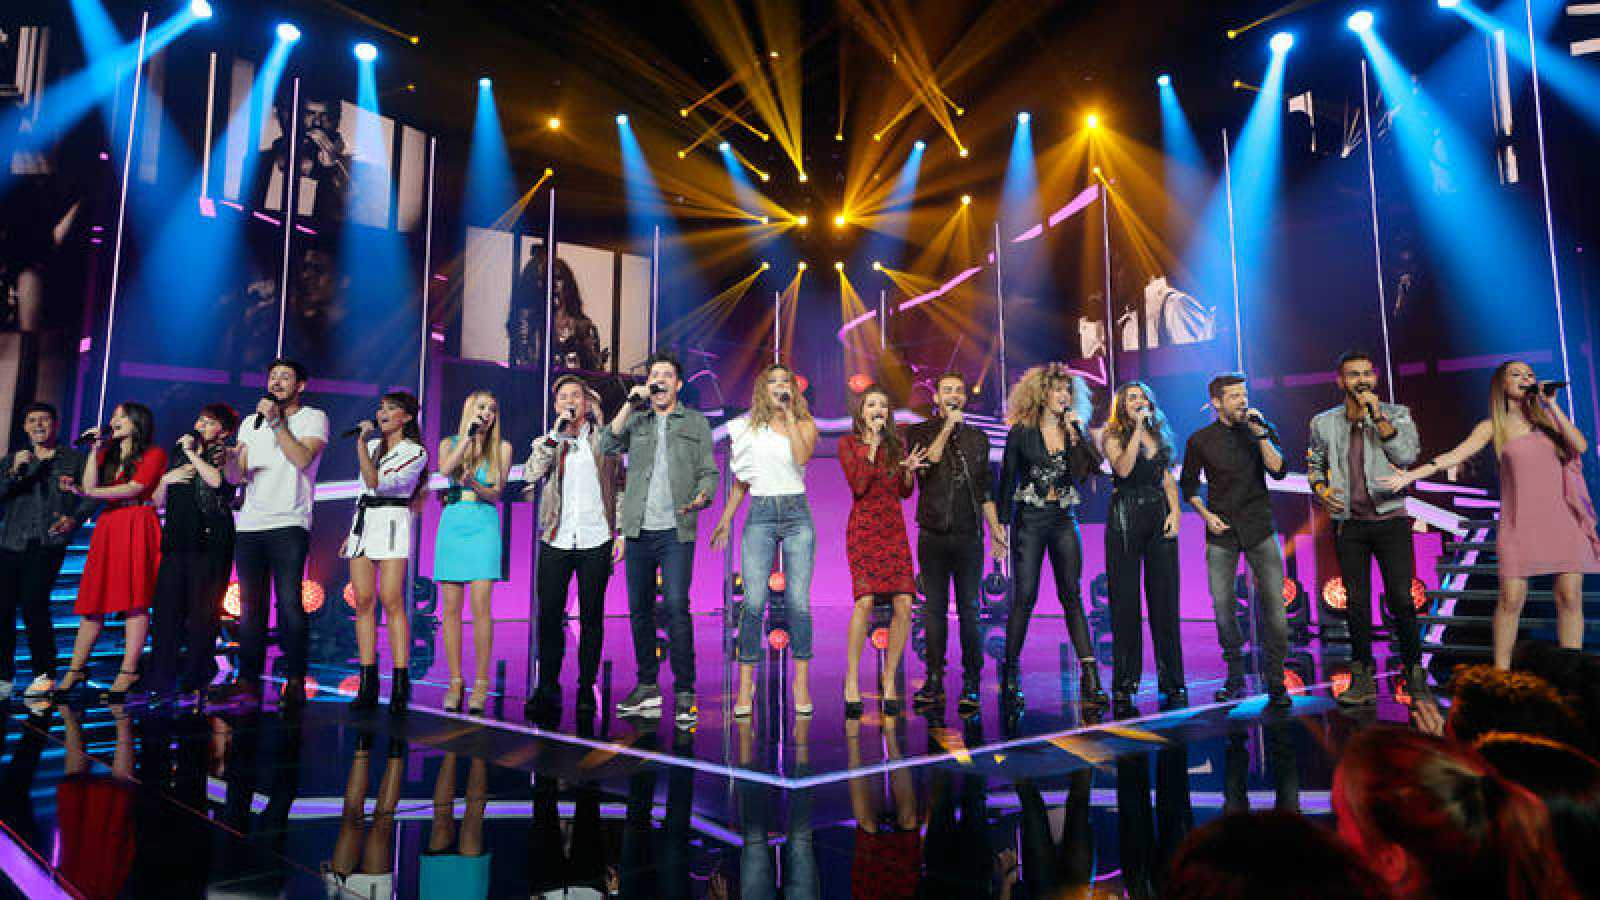 El representante de España en Eurovisión 2018 saldrá de Operación Triunfo 2017